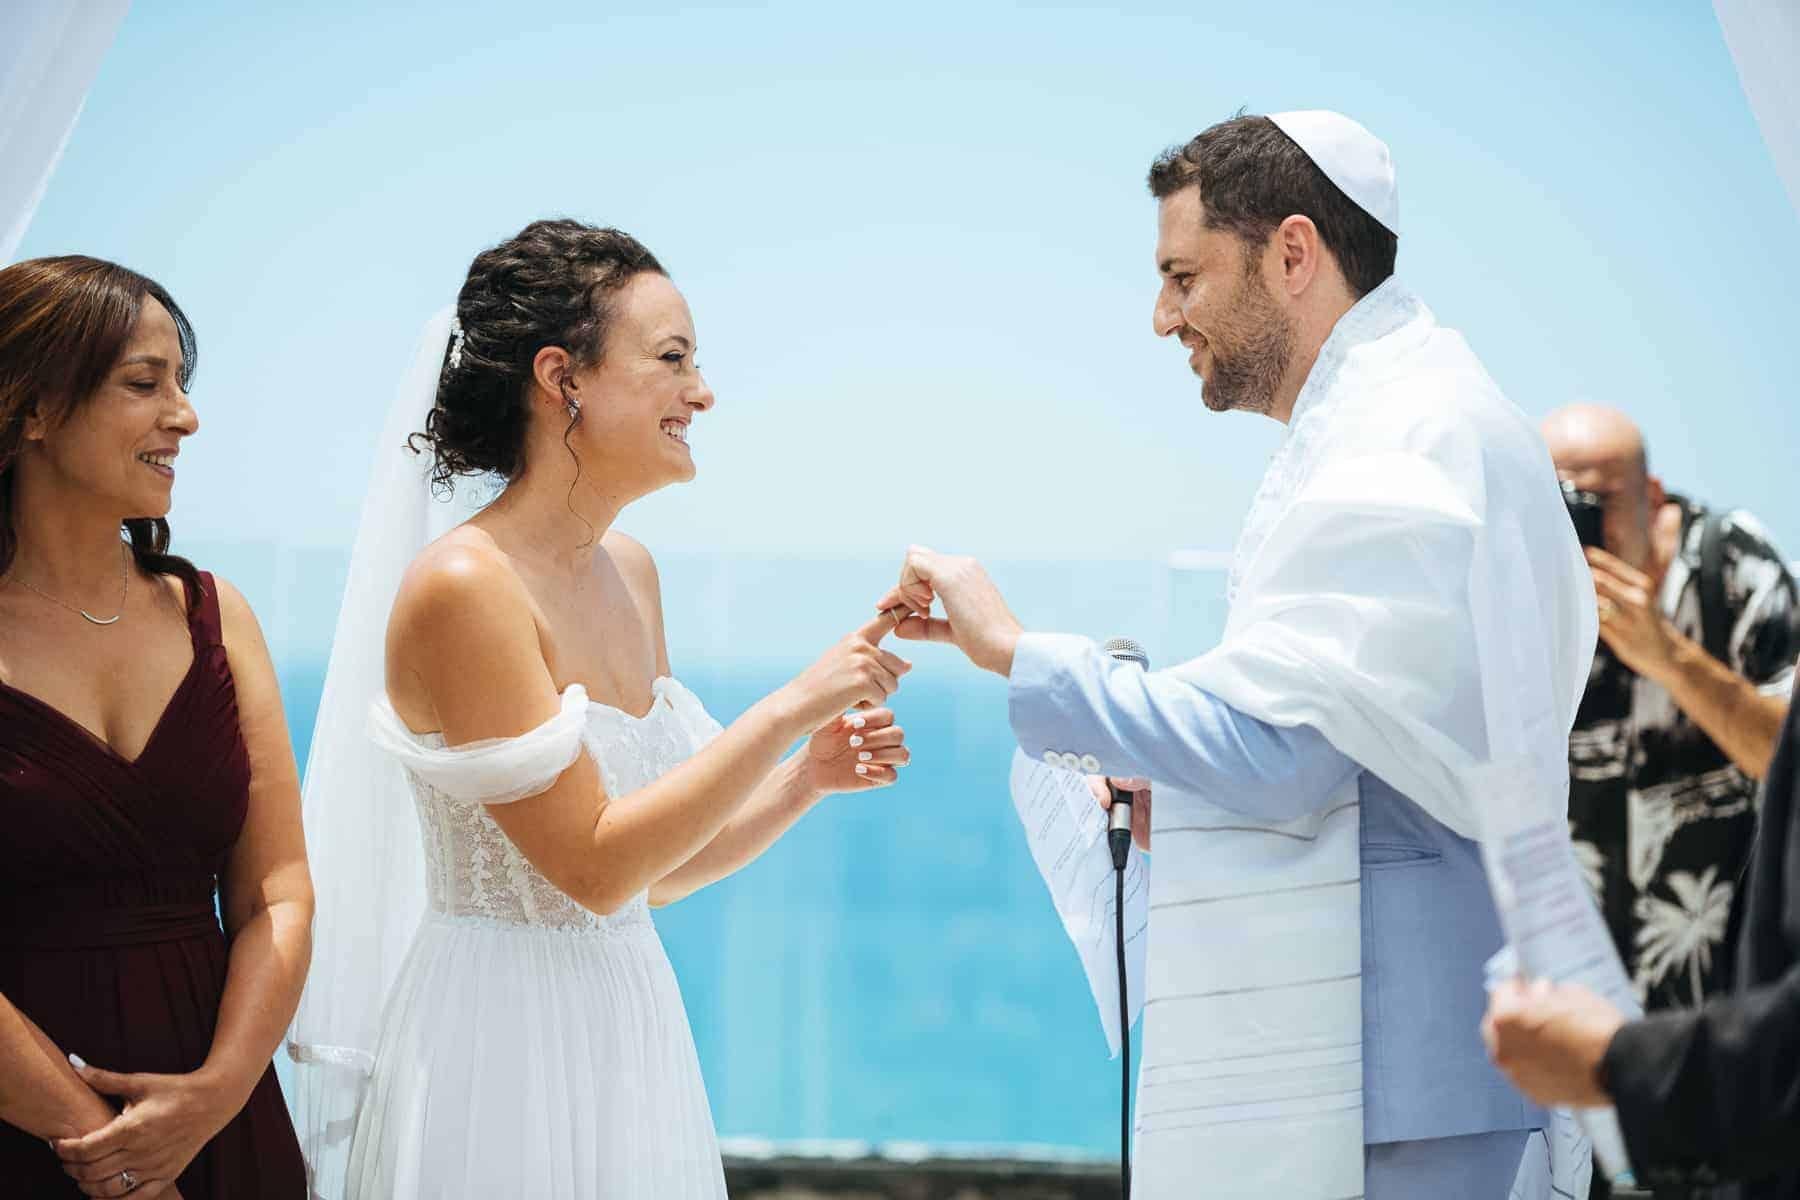 מגנטים לחתונה | צלם מגנטים לחתונה